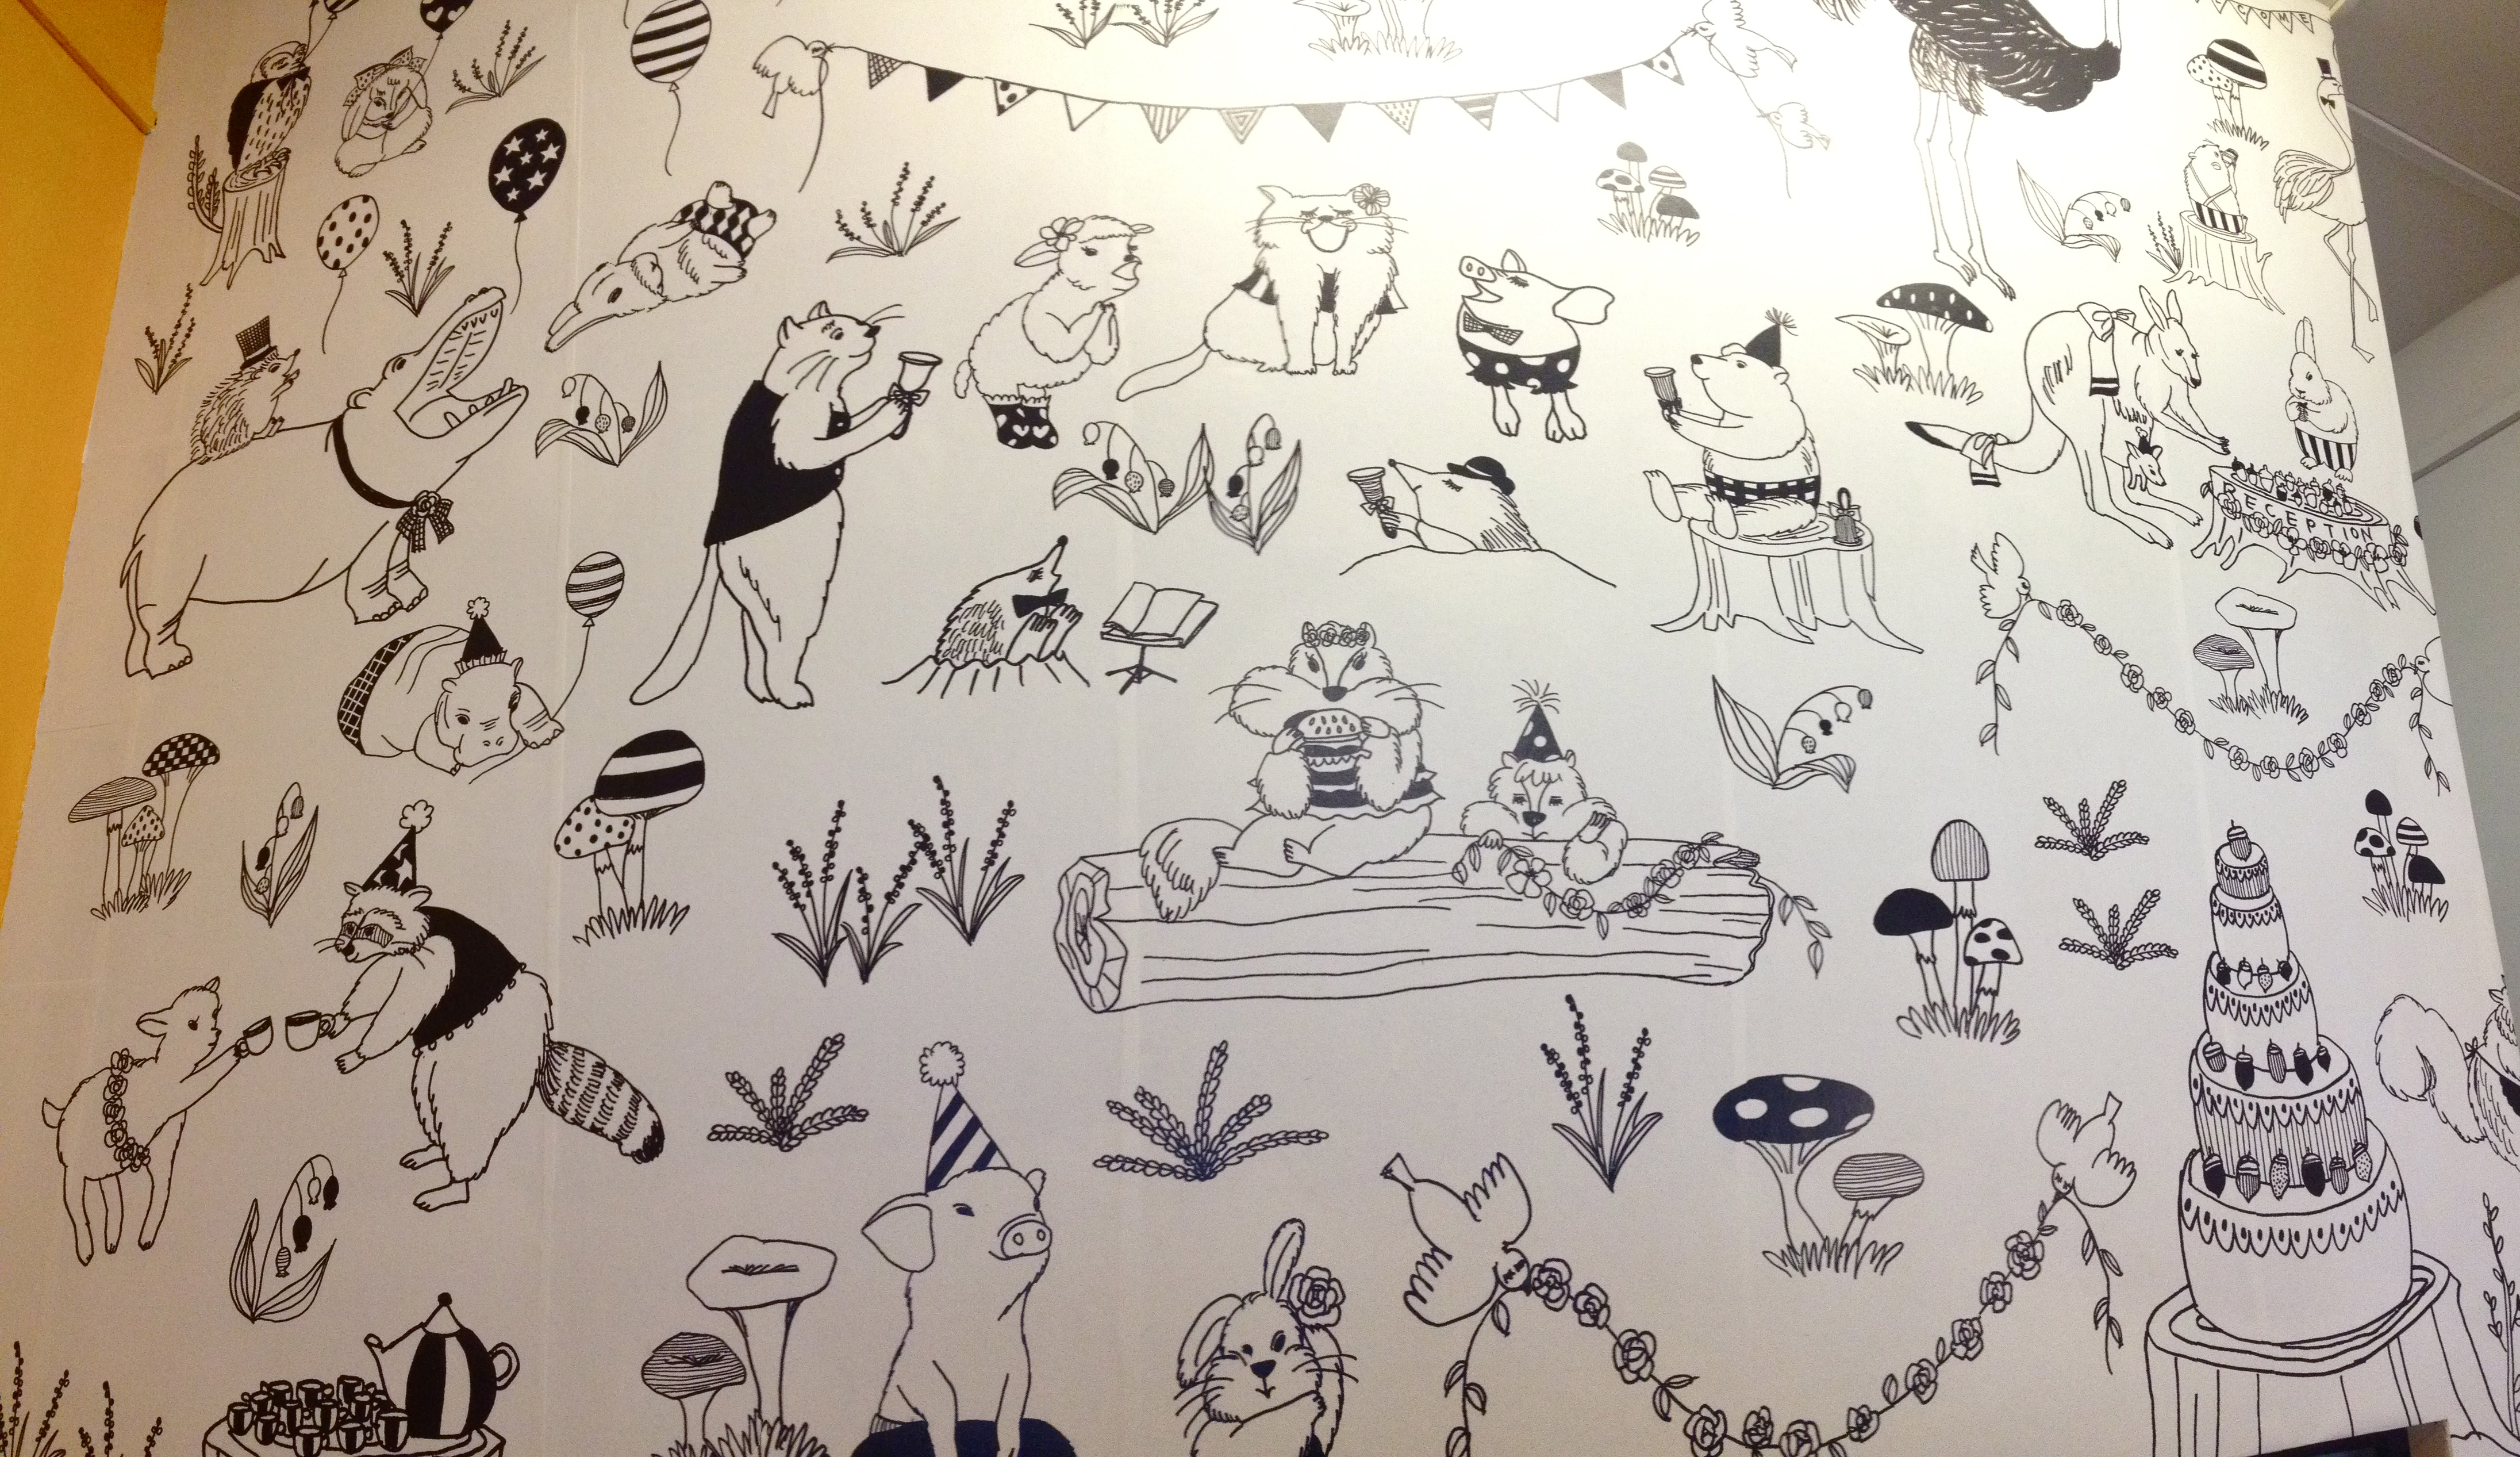 壁紙完成しました Wallpaper got completed.